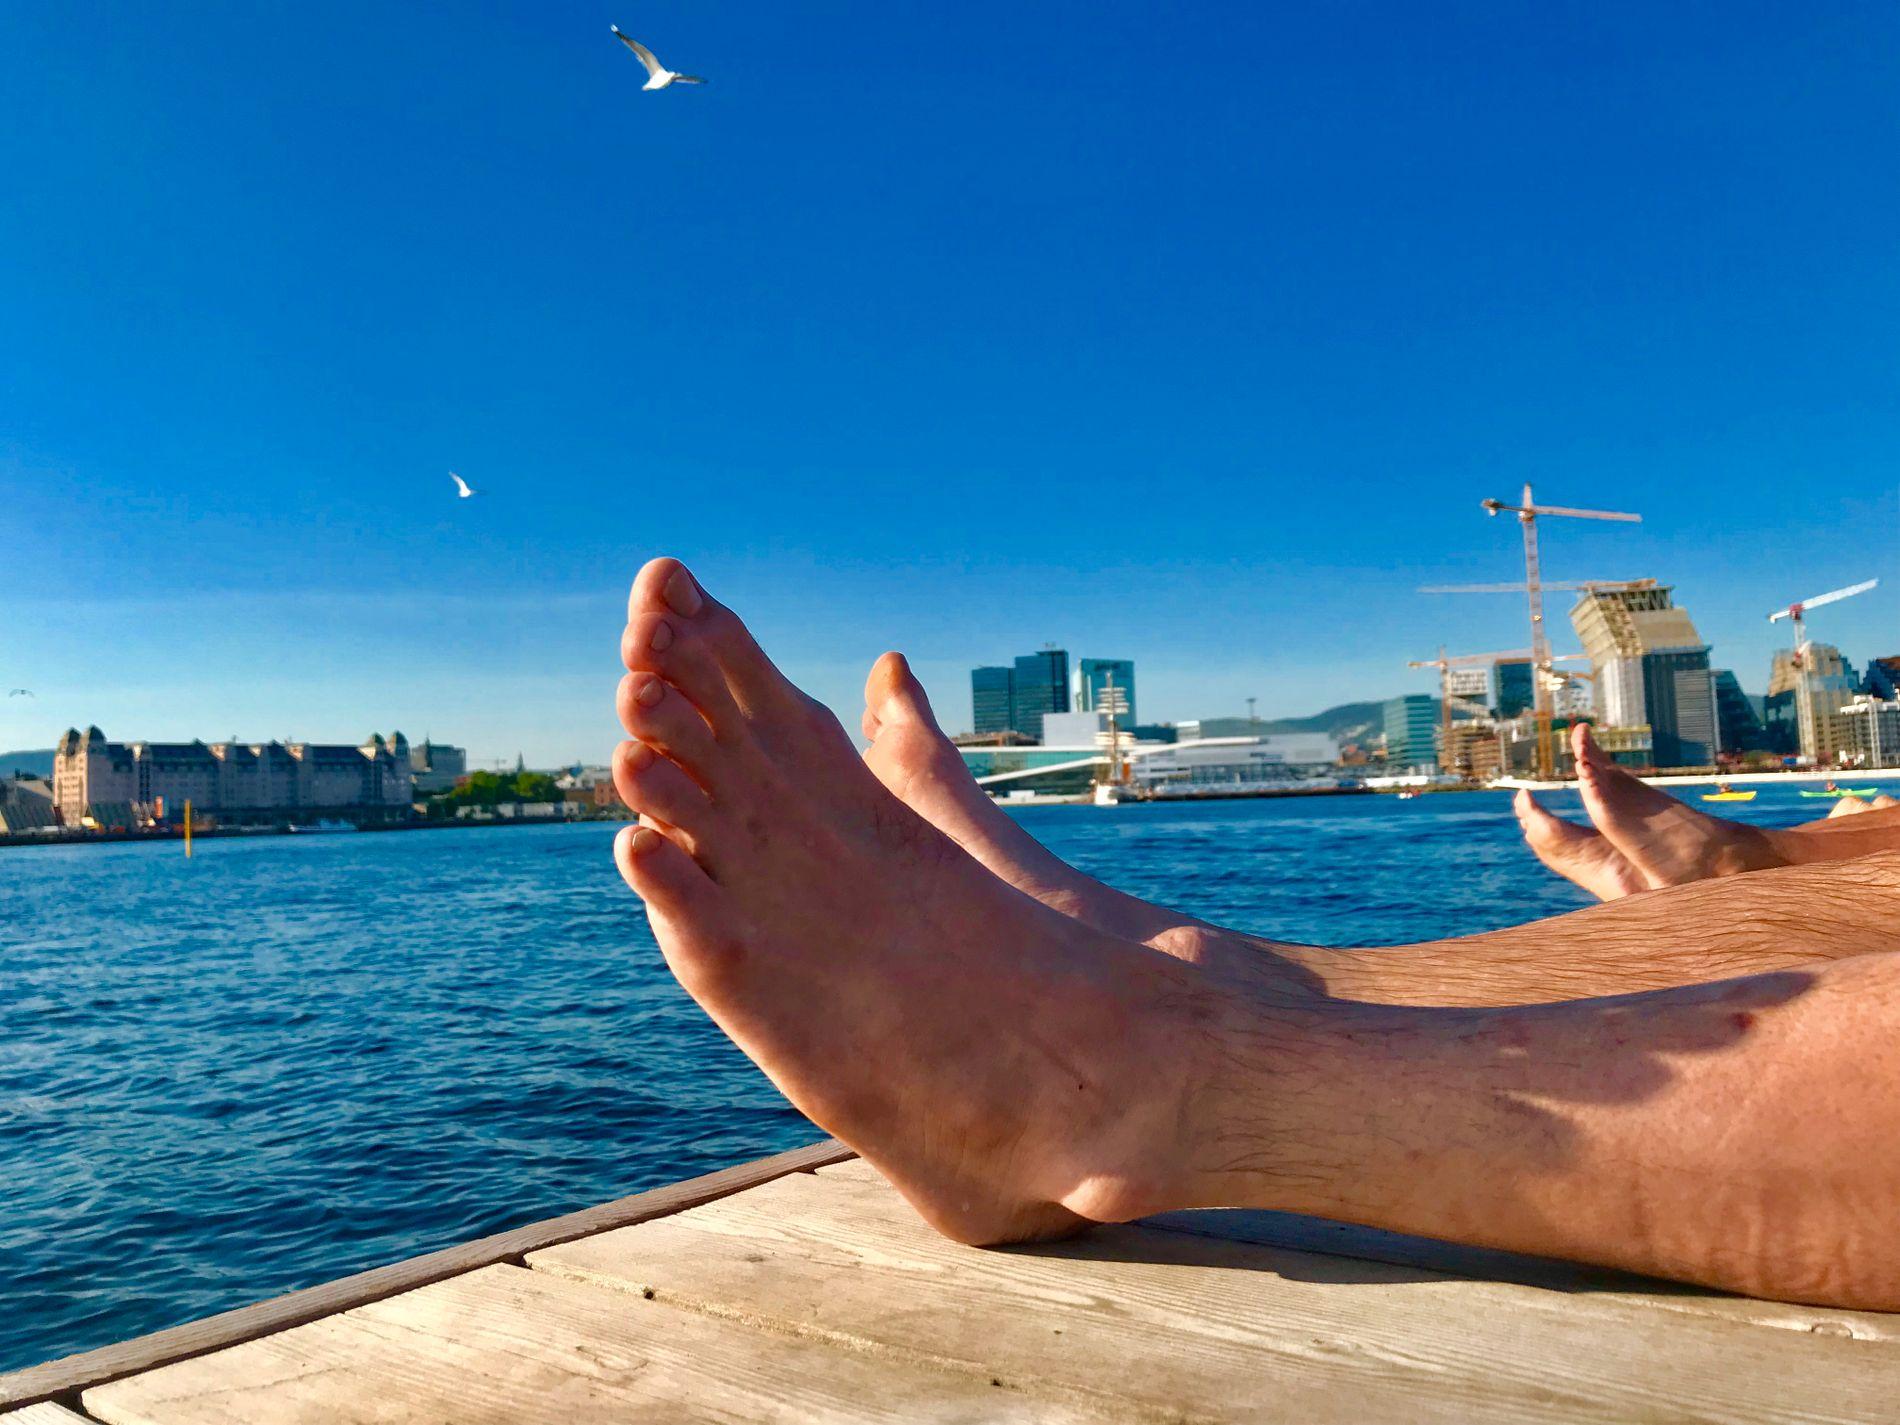 TAR SLUTT EN GANG: En gang tar sommervarmen slutt - og da er det kanskje bare Syden som sikrer deg sol og varme, mener meteorologene.